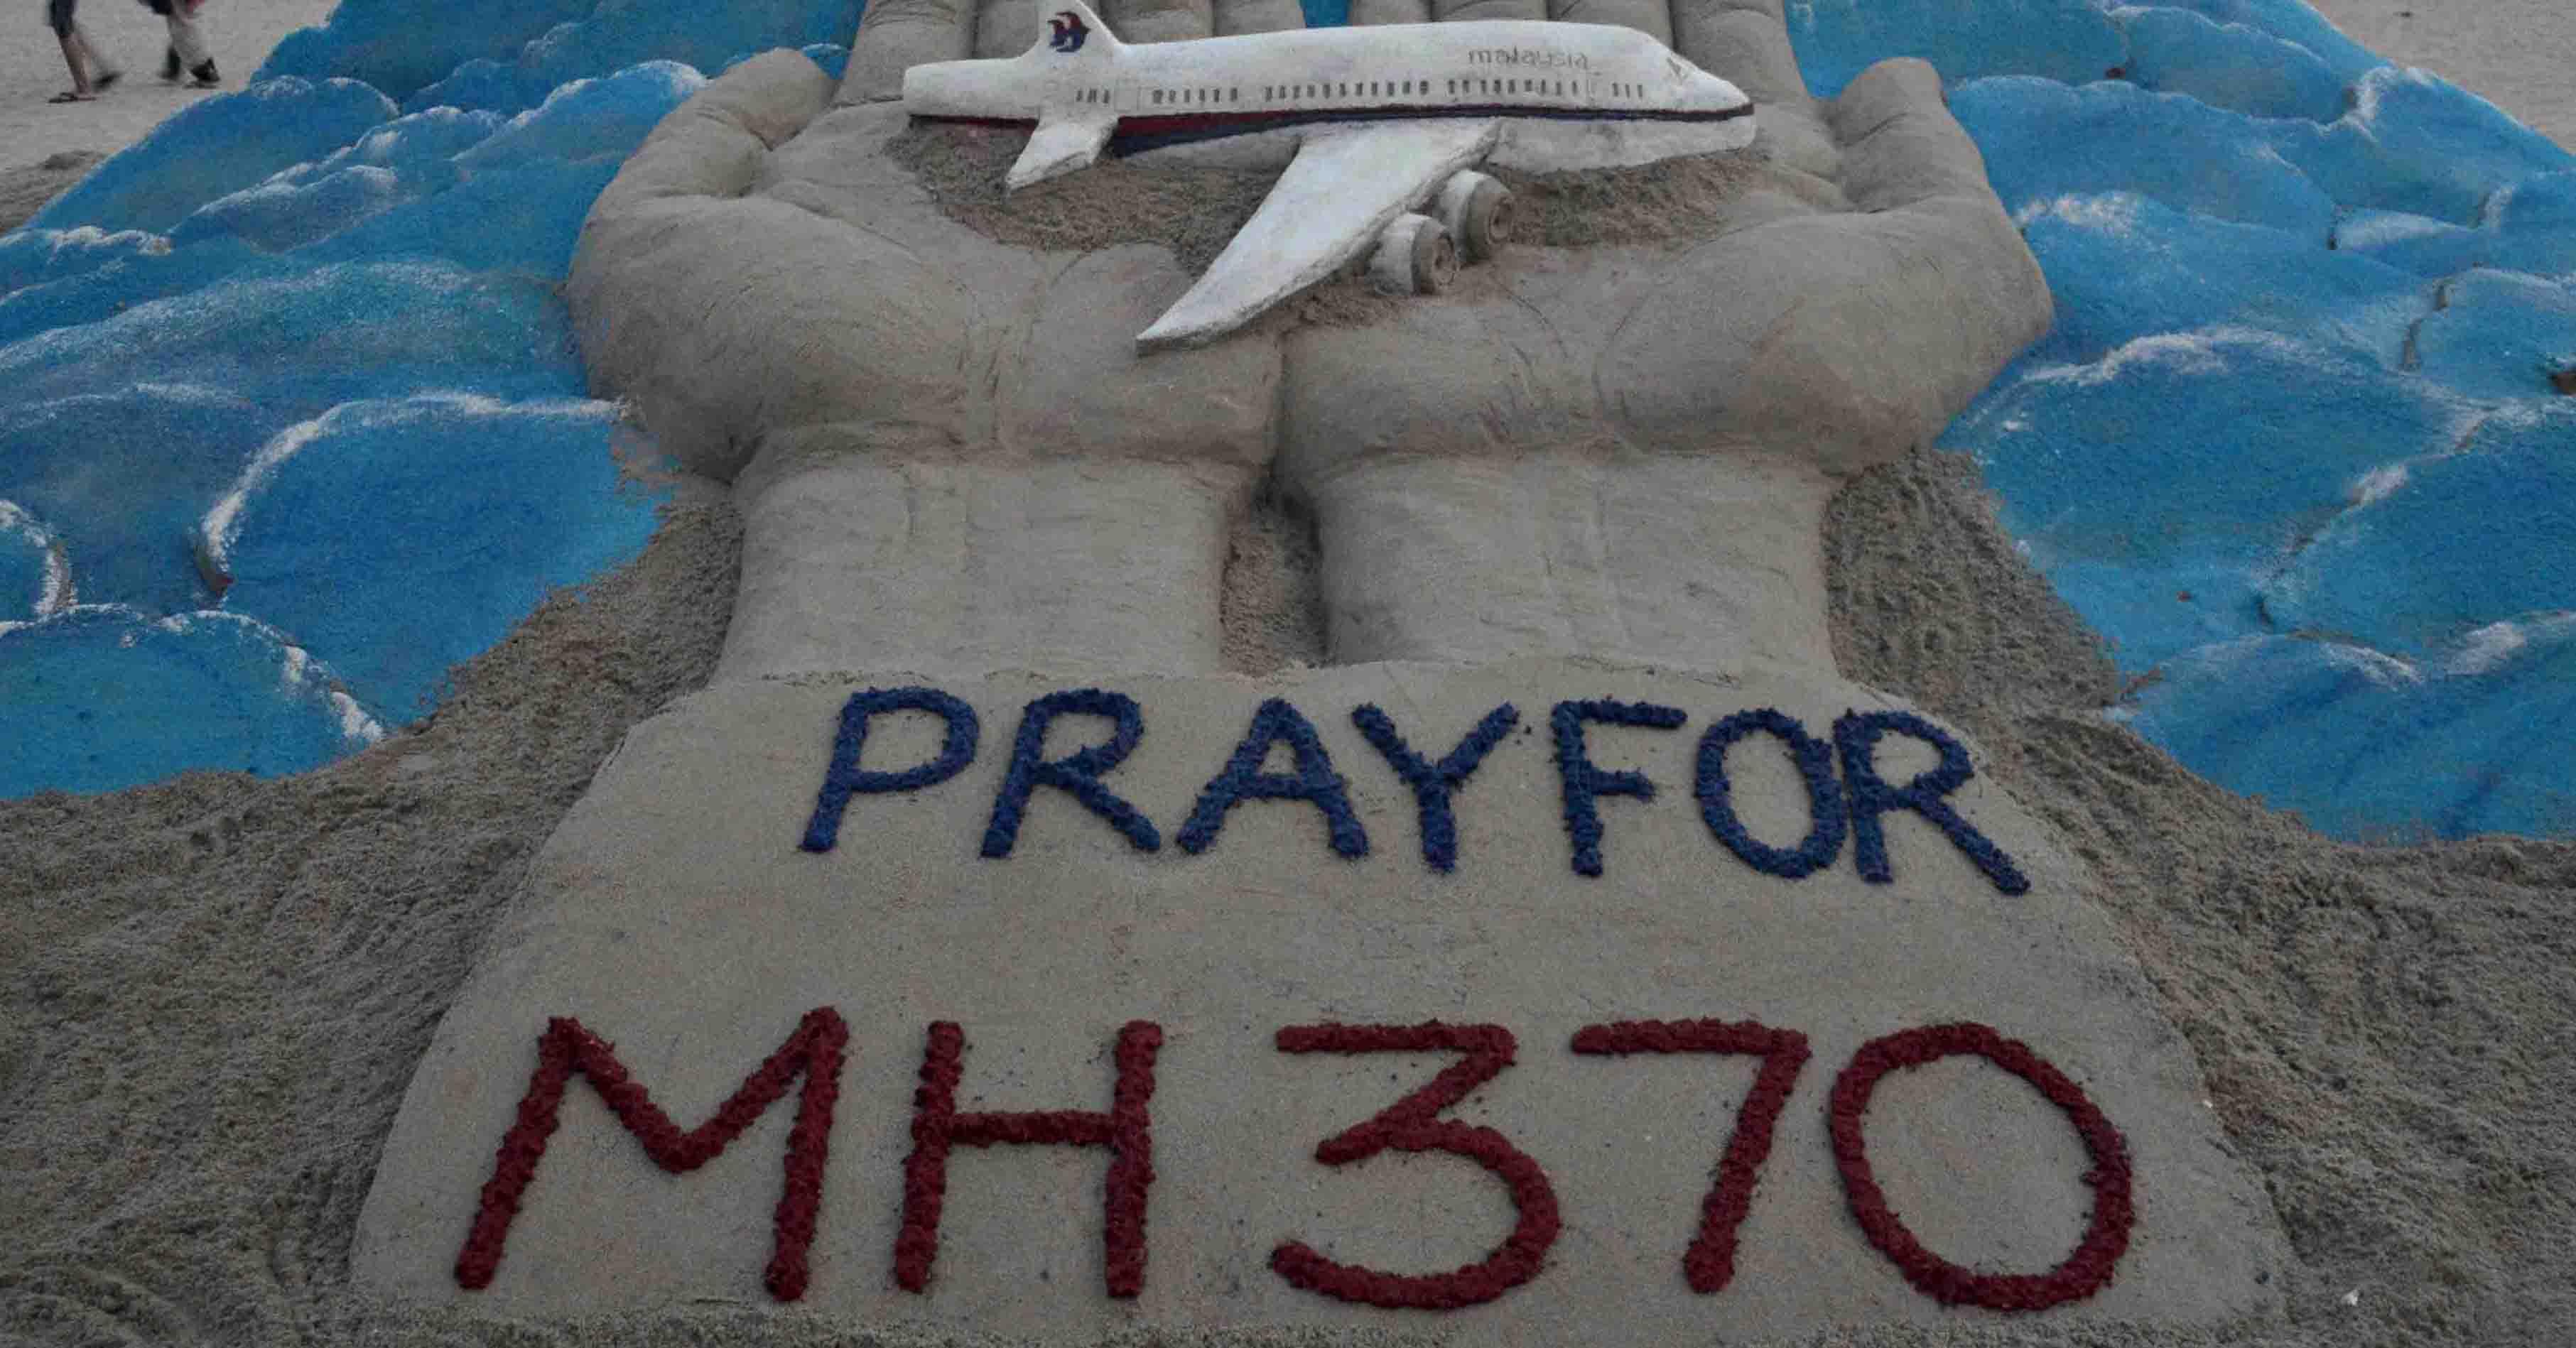 Las esperanzas de hallar rastros del avión no están pérdidas aún cuando se llegó al tercer aniversario de su desaparición